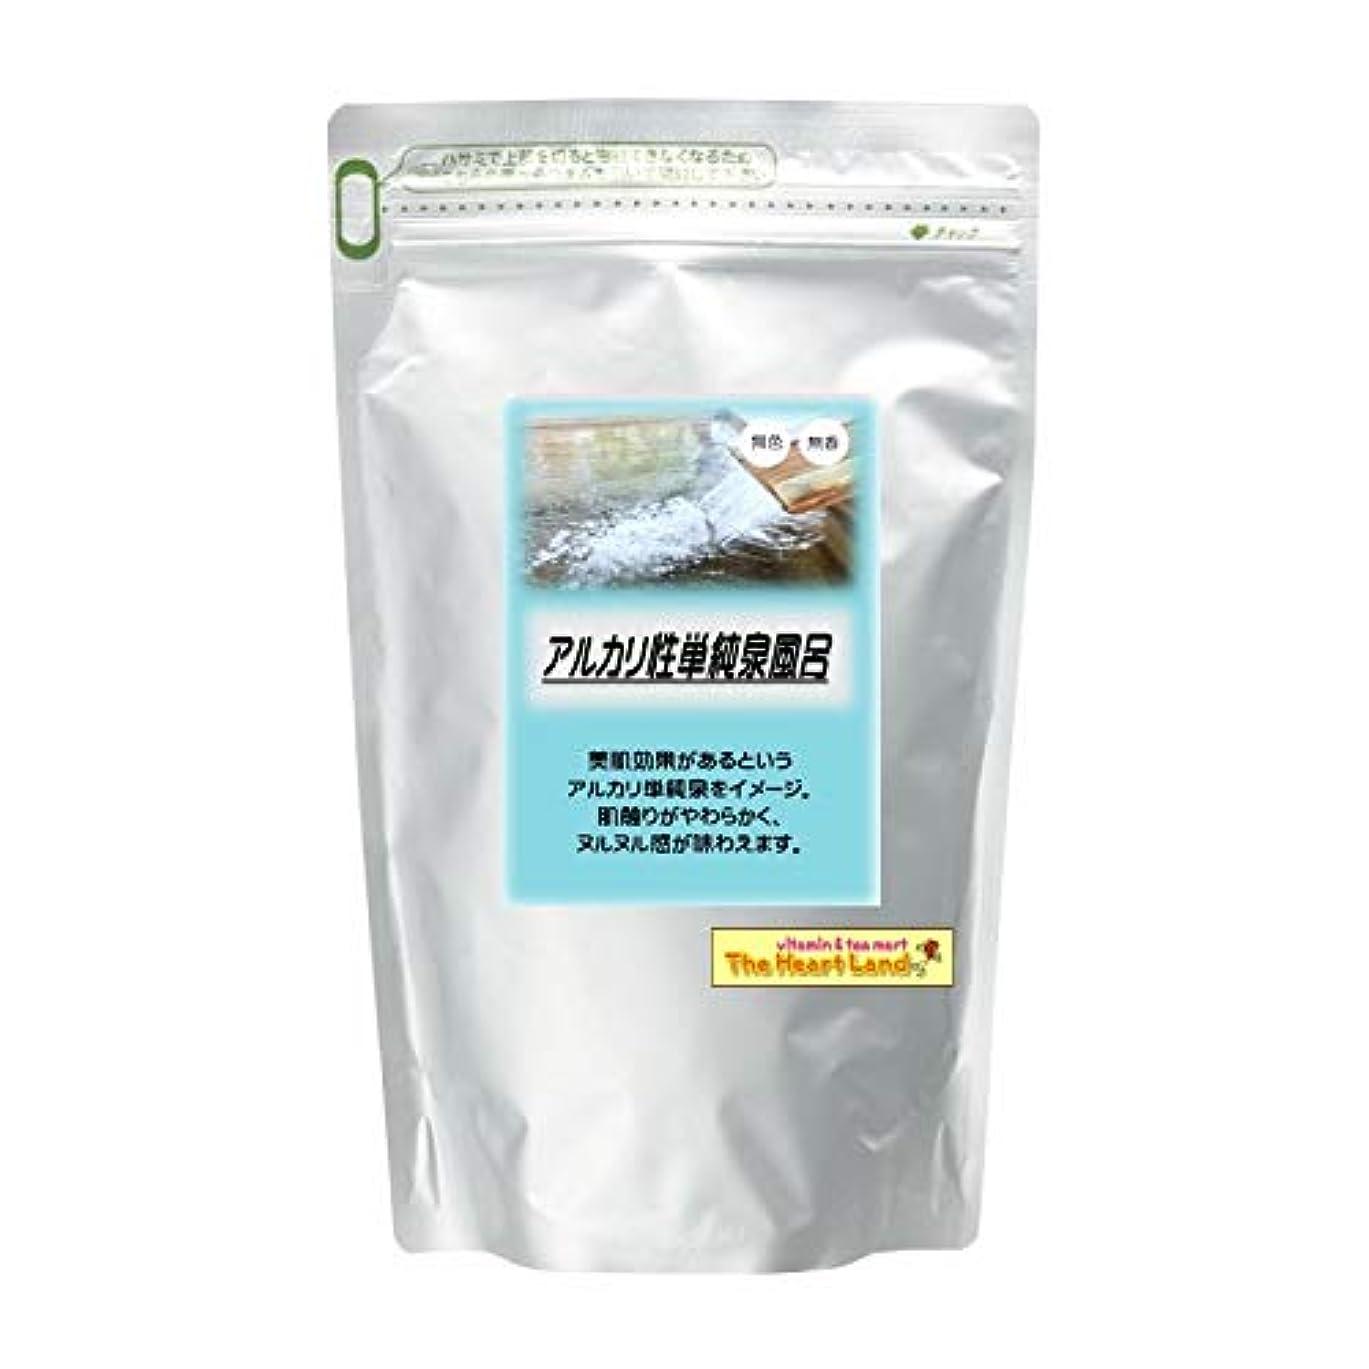 アサヒ入浴剤 浴用入浴化粧品 アルカリ性単純泉風呂 2.5kg